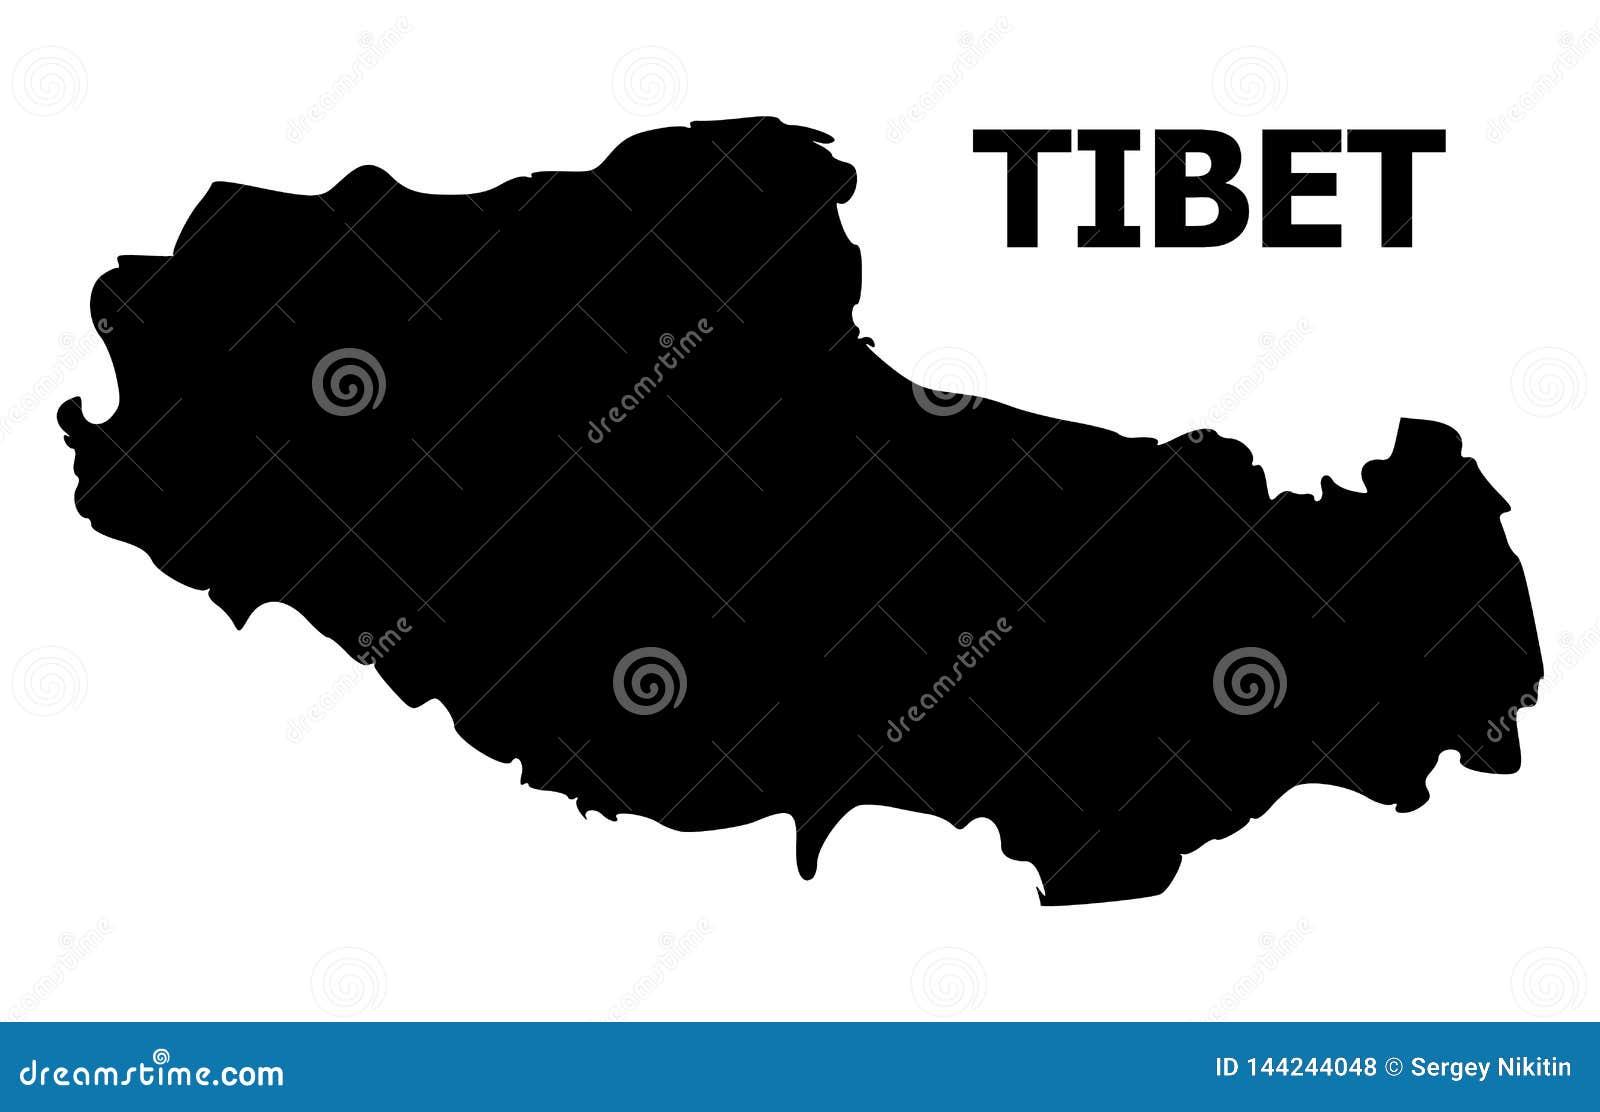 Διανυσματικός επίπεδος χάρτης του Θιβέτ με το όνομα